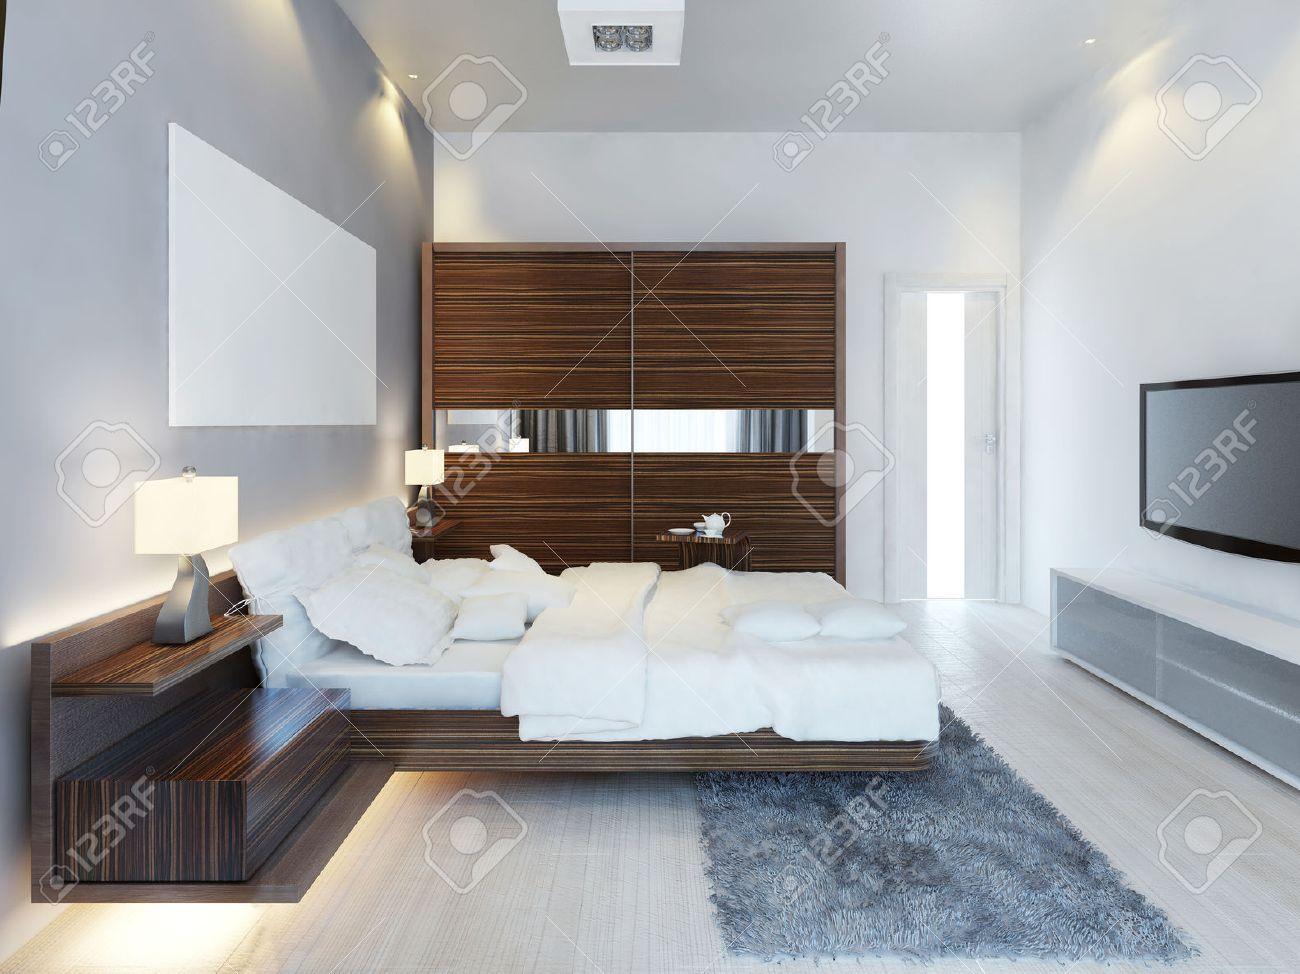 El Diseno Moderno De Dormitorio De La Luz Con Un Gran Armario - Dormitorio-diseo-moderno